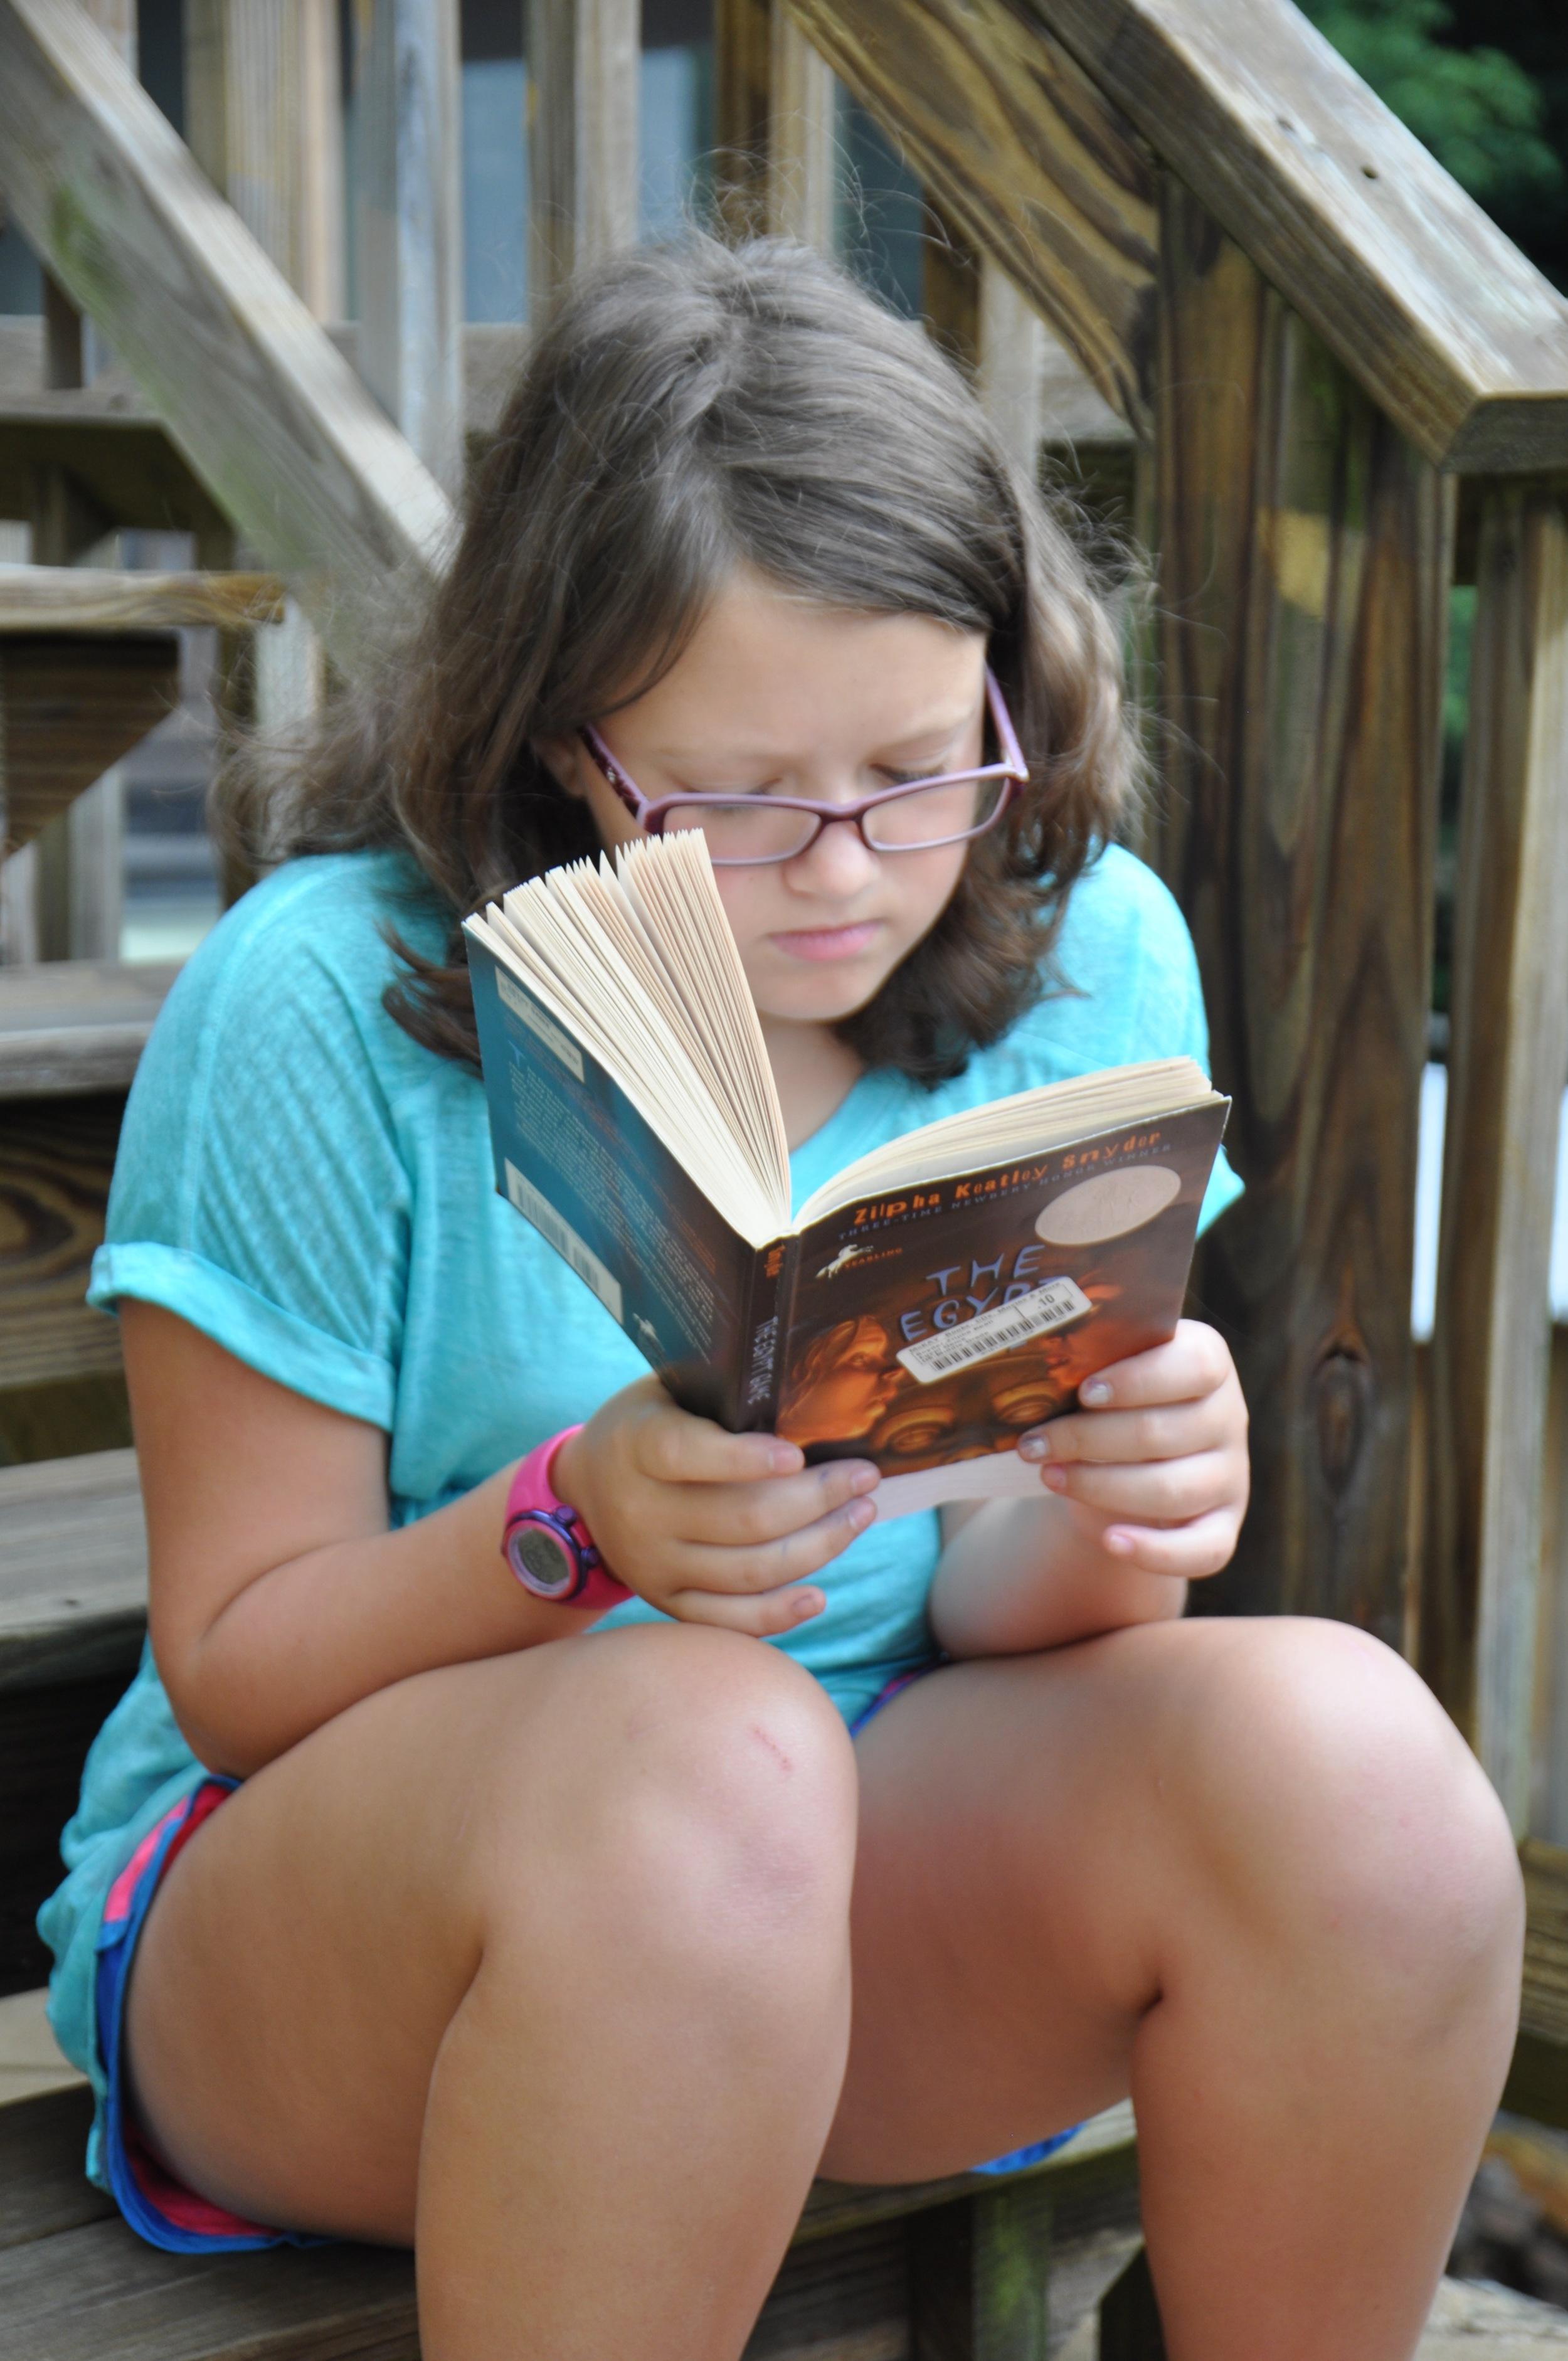 just-keep-reading-just-keep-reading-reading-reading.jpg